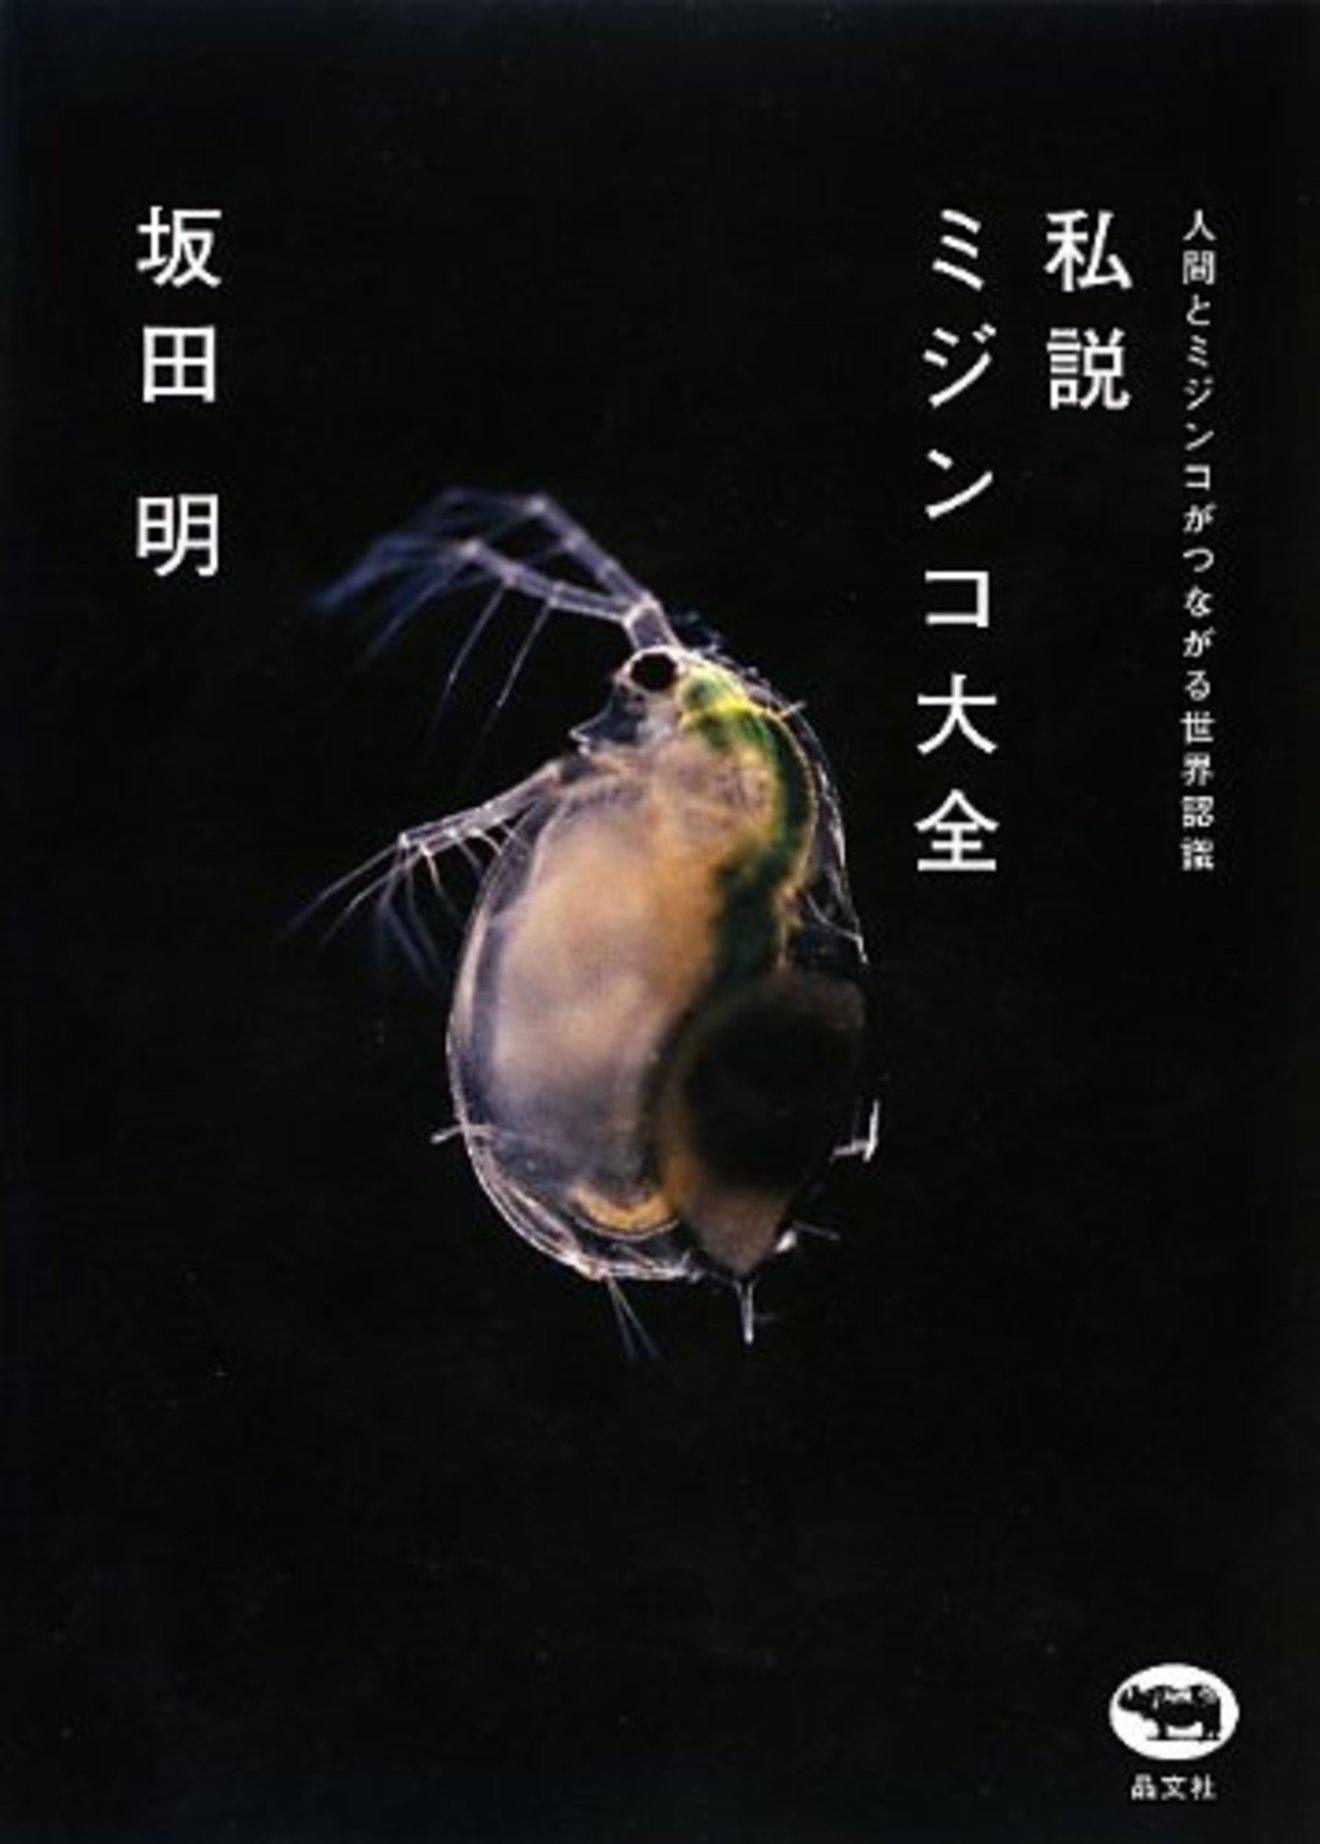 ミジンコの繁殖のポイントとは?飼育方法からおすすめの本まで